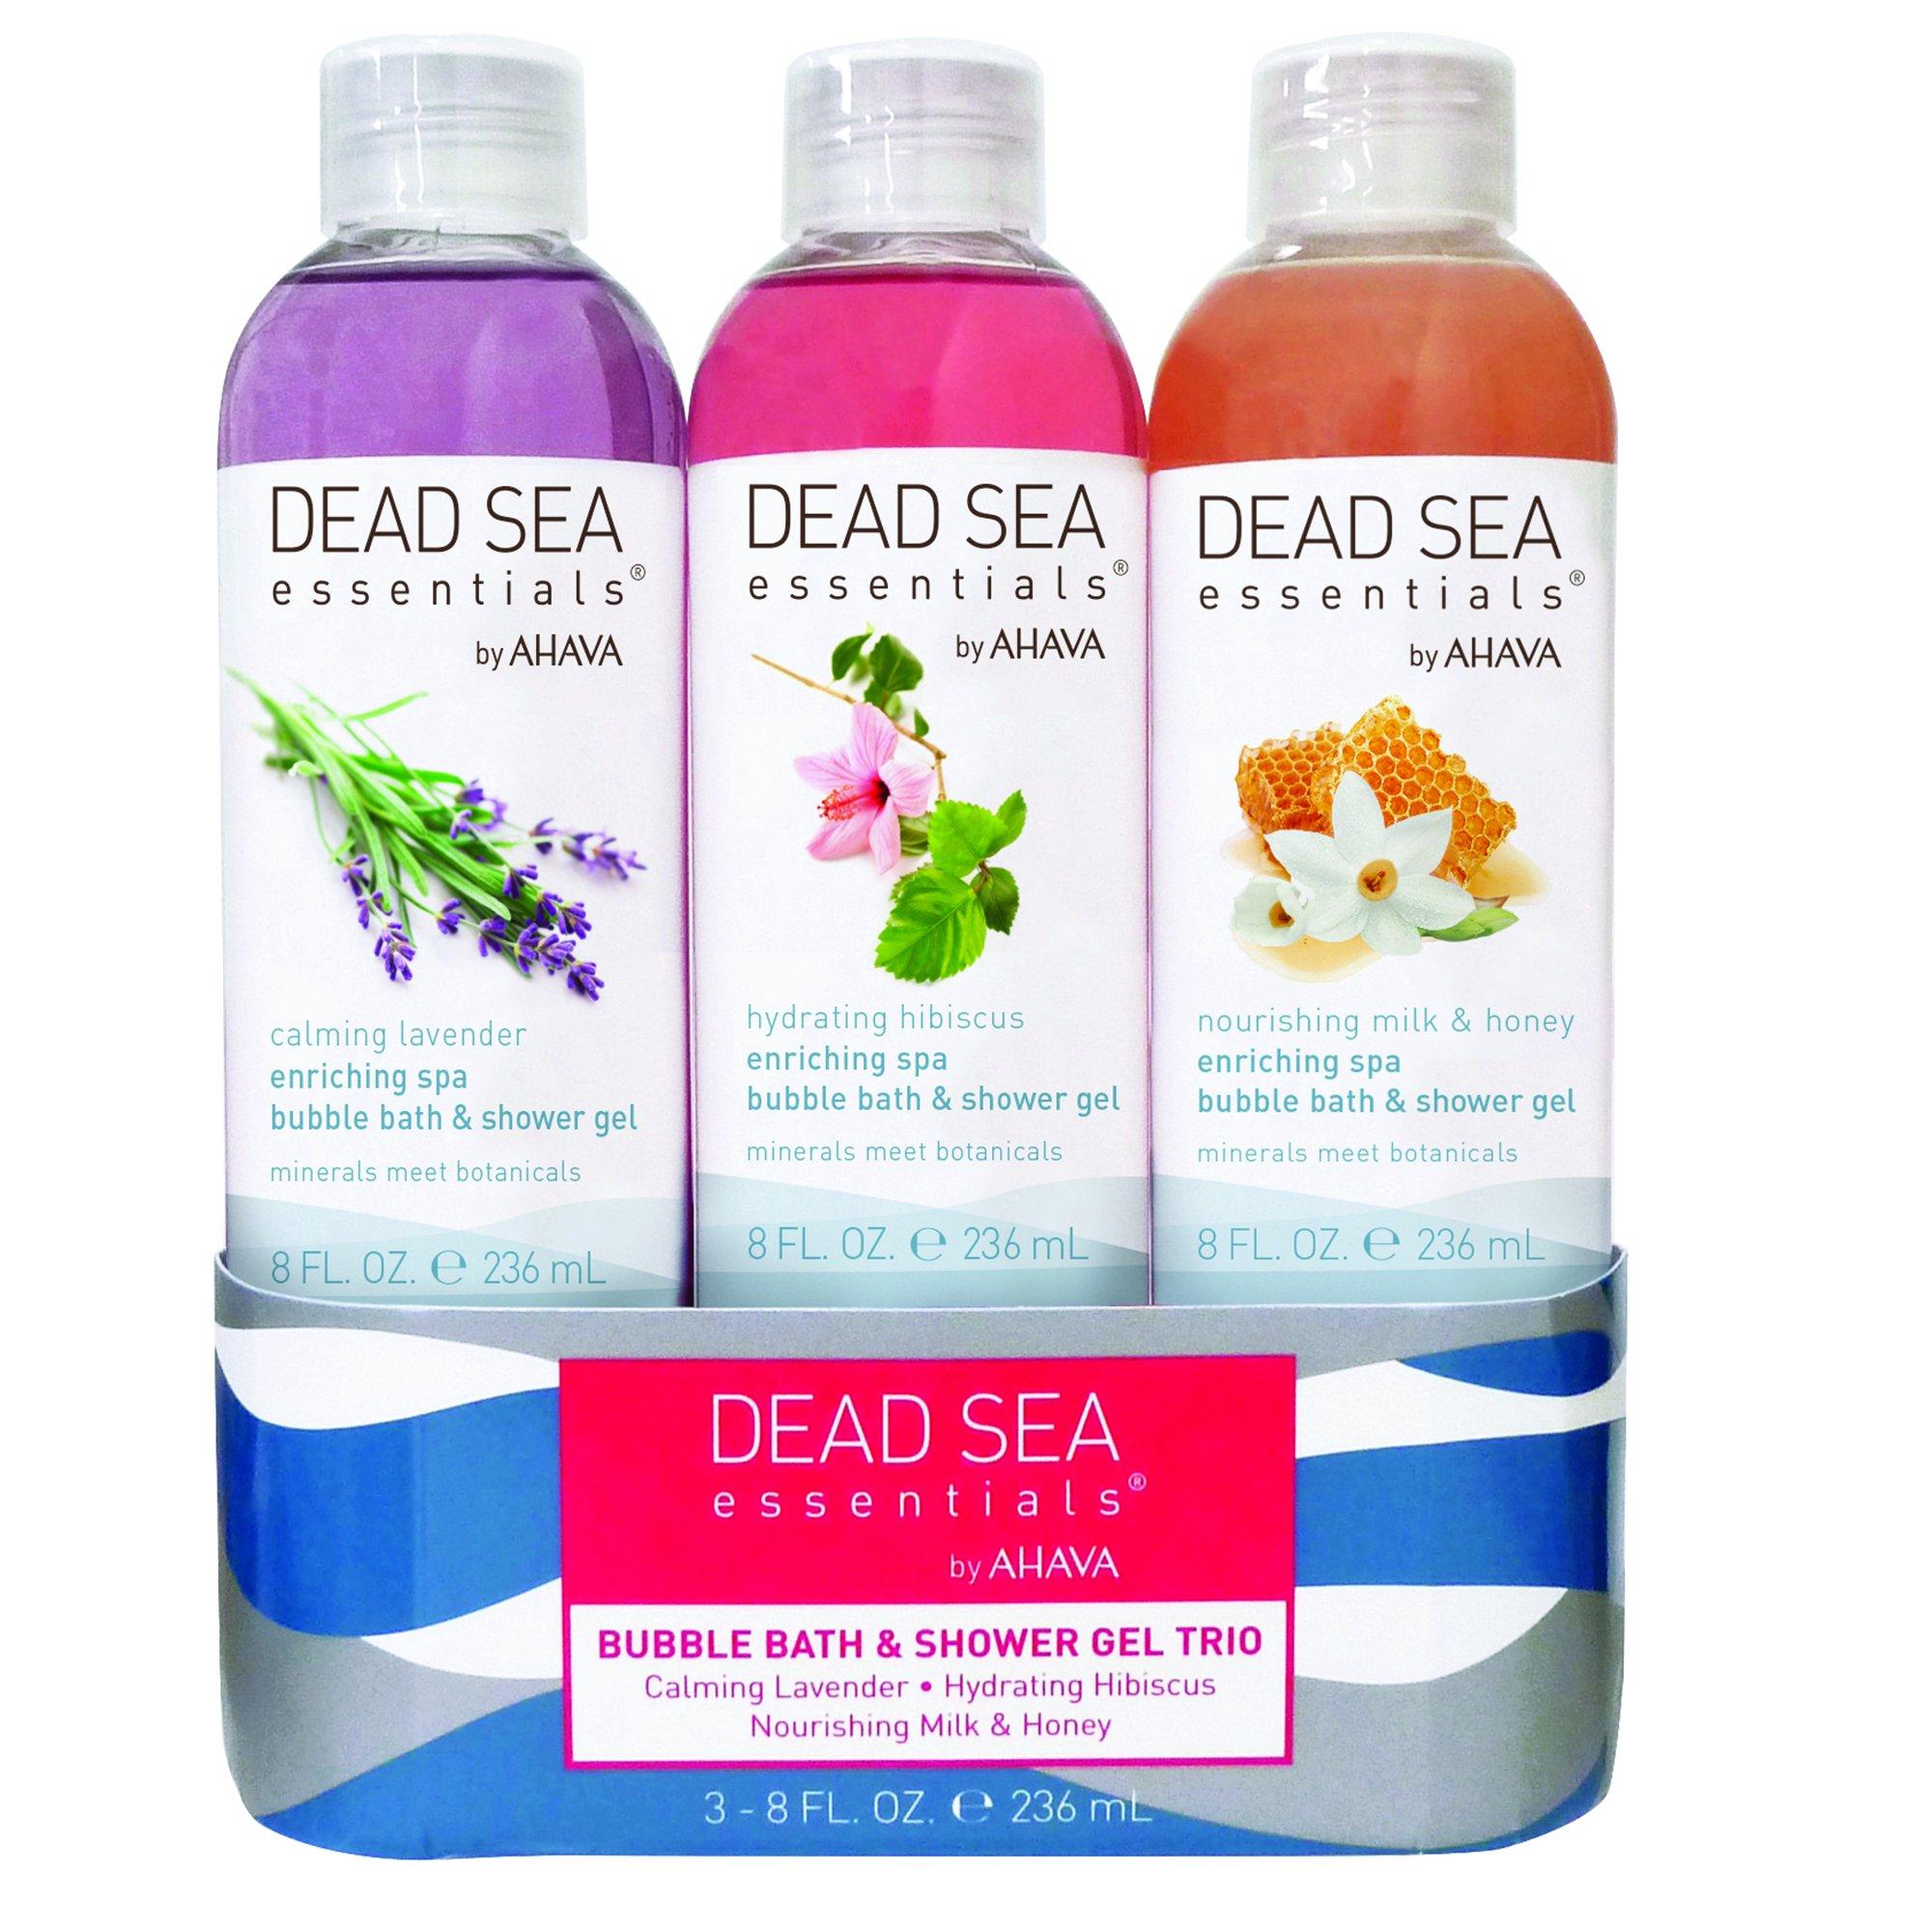 Dead Sea Essentials by AHAVA Bubble Bath Trio Set